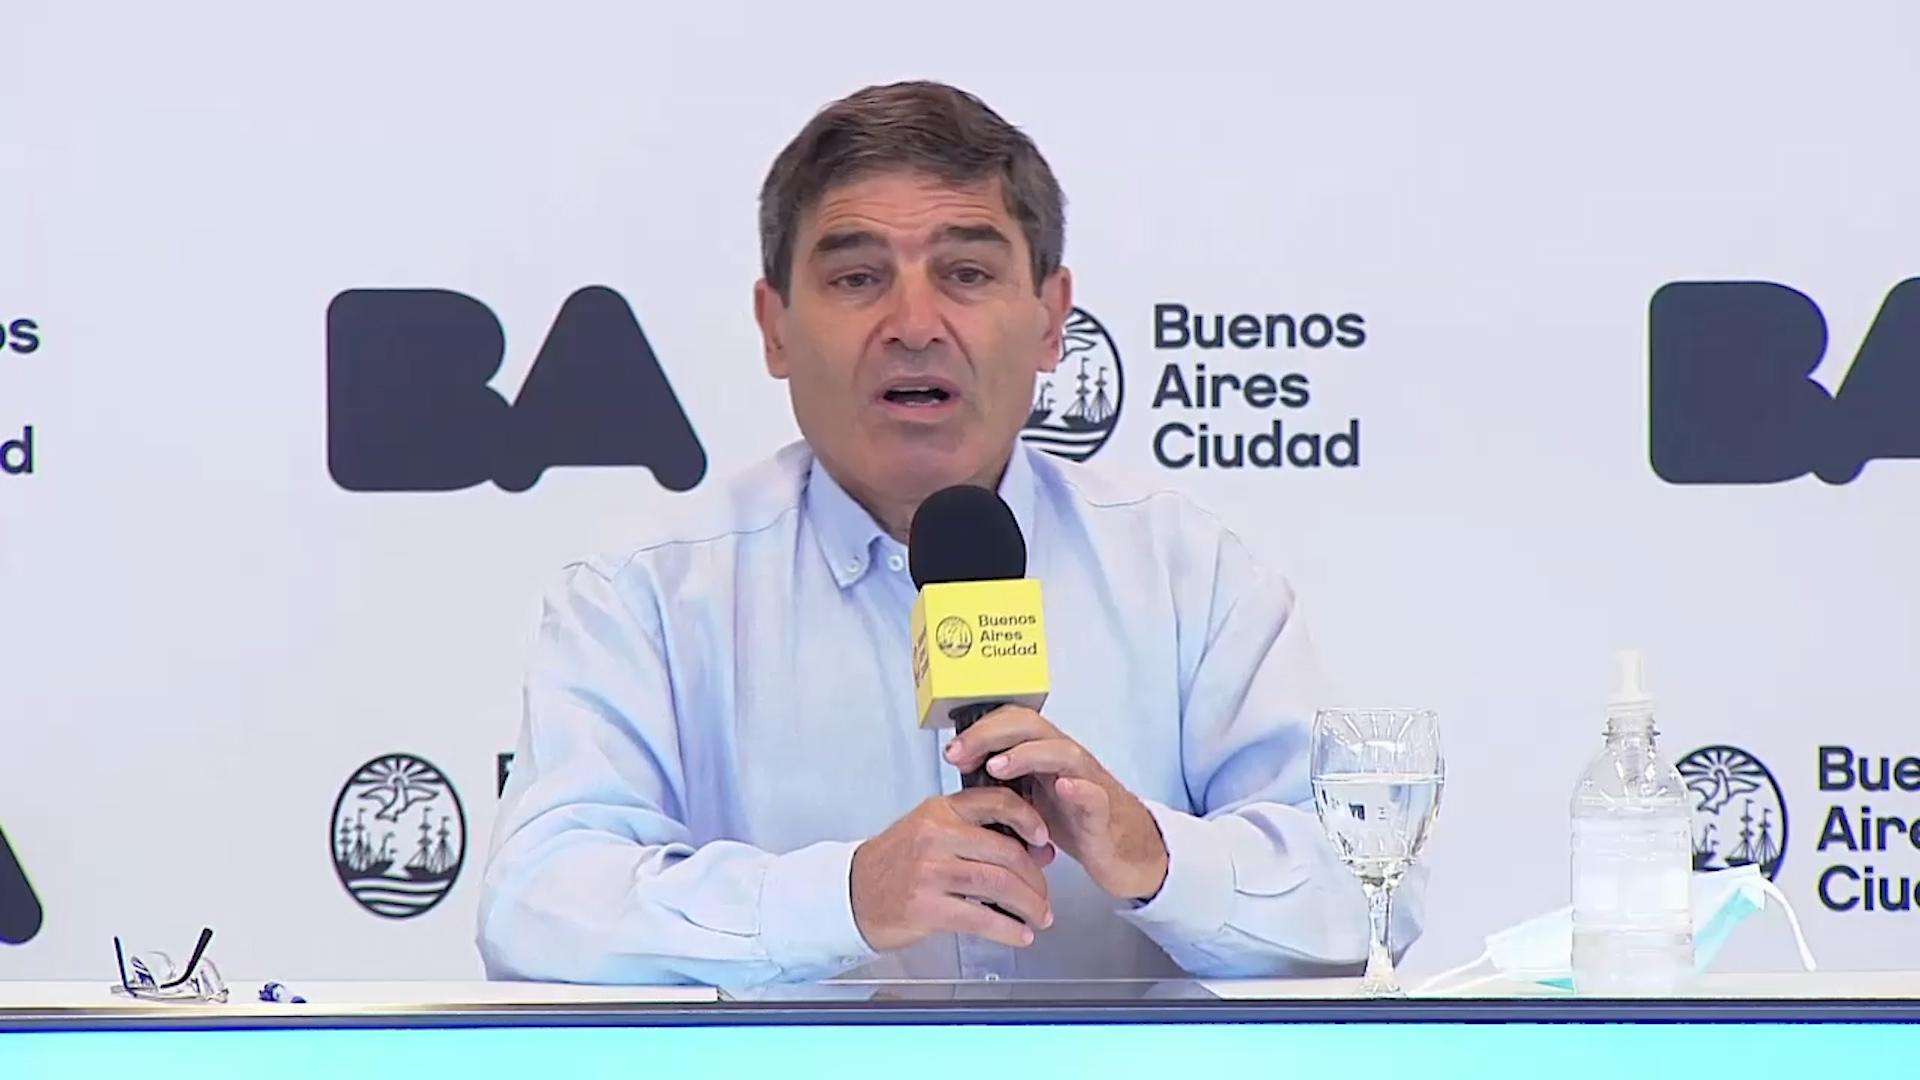 """Fernán Quirós: """"Hay que evaluar las últimas restricciones para avanzar con nuevas medidas para la segunda ola de coronavirus"""""""